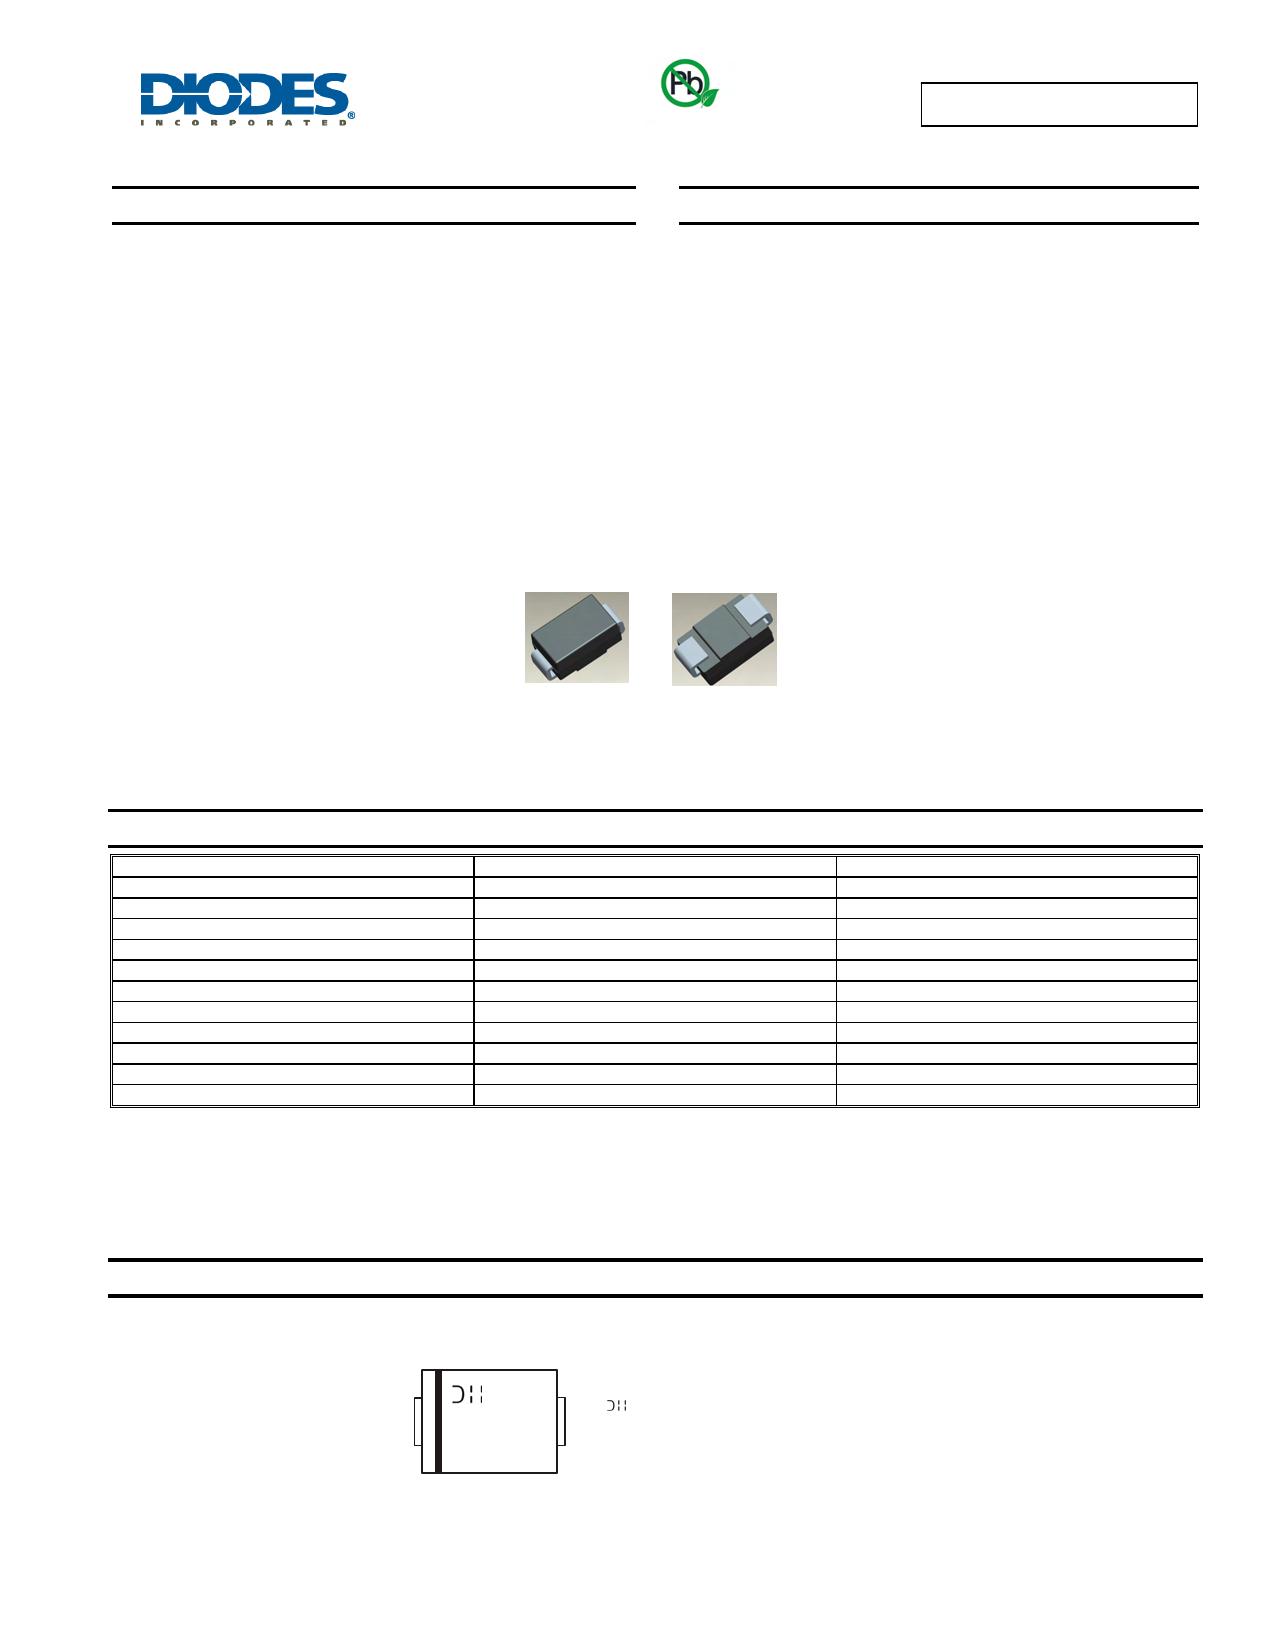 TB3500M datasheet pinout pdf